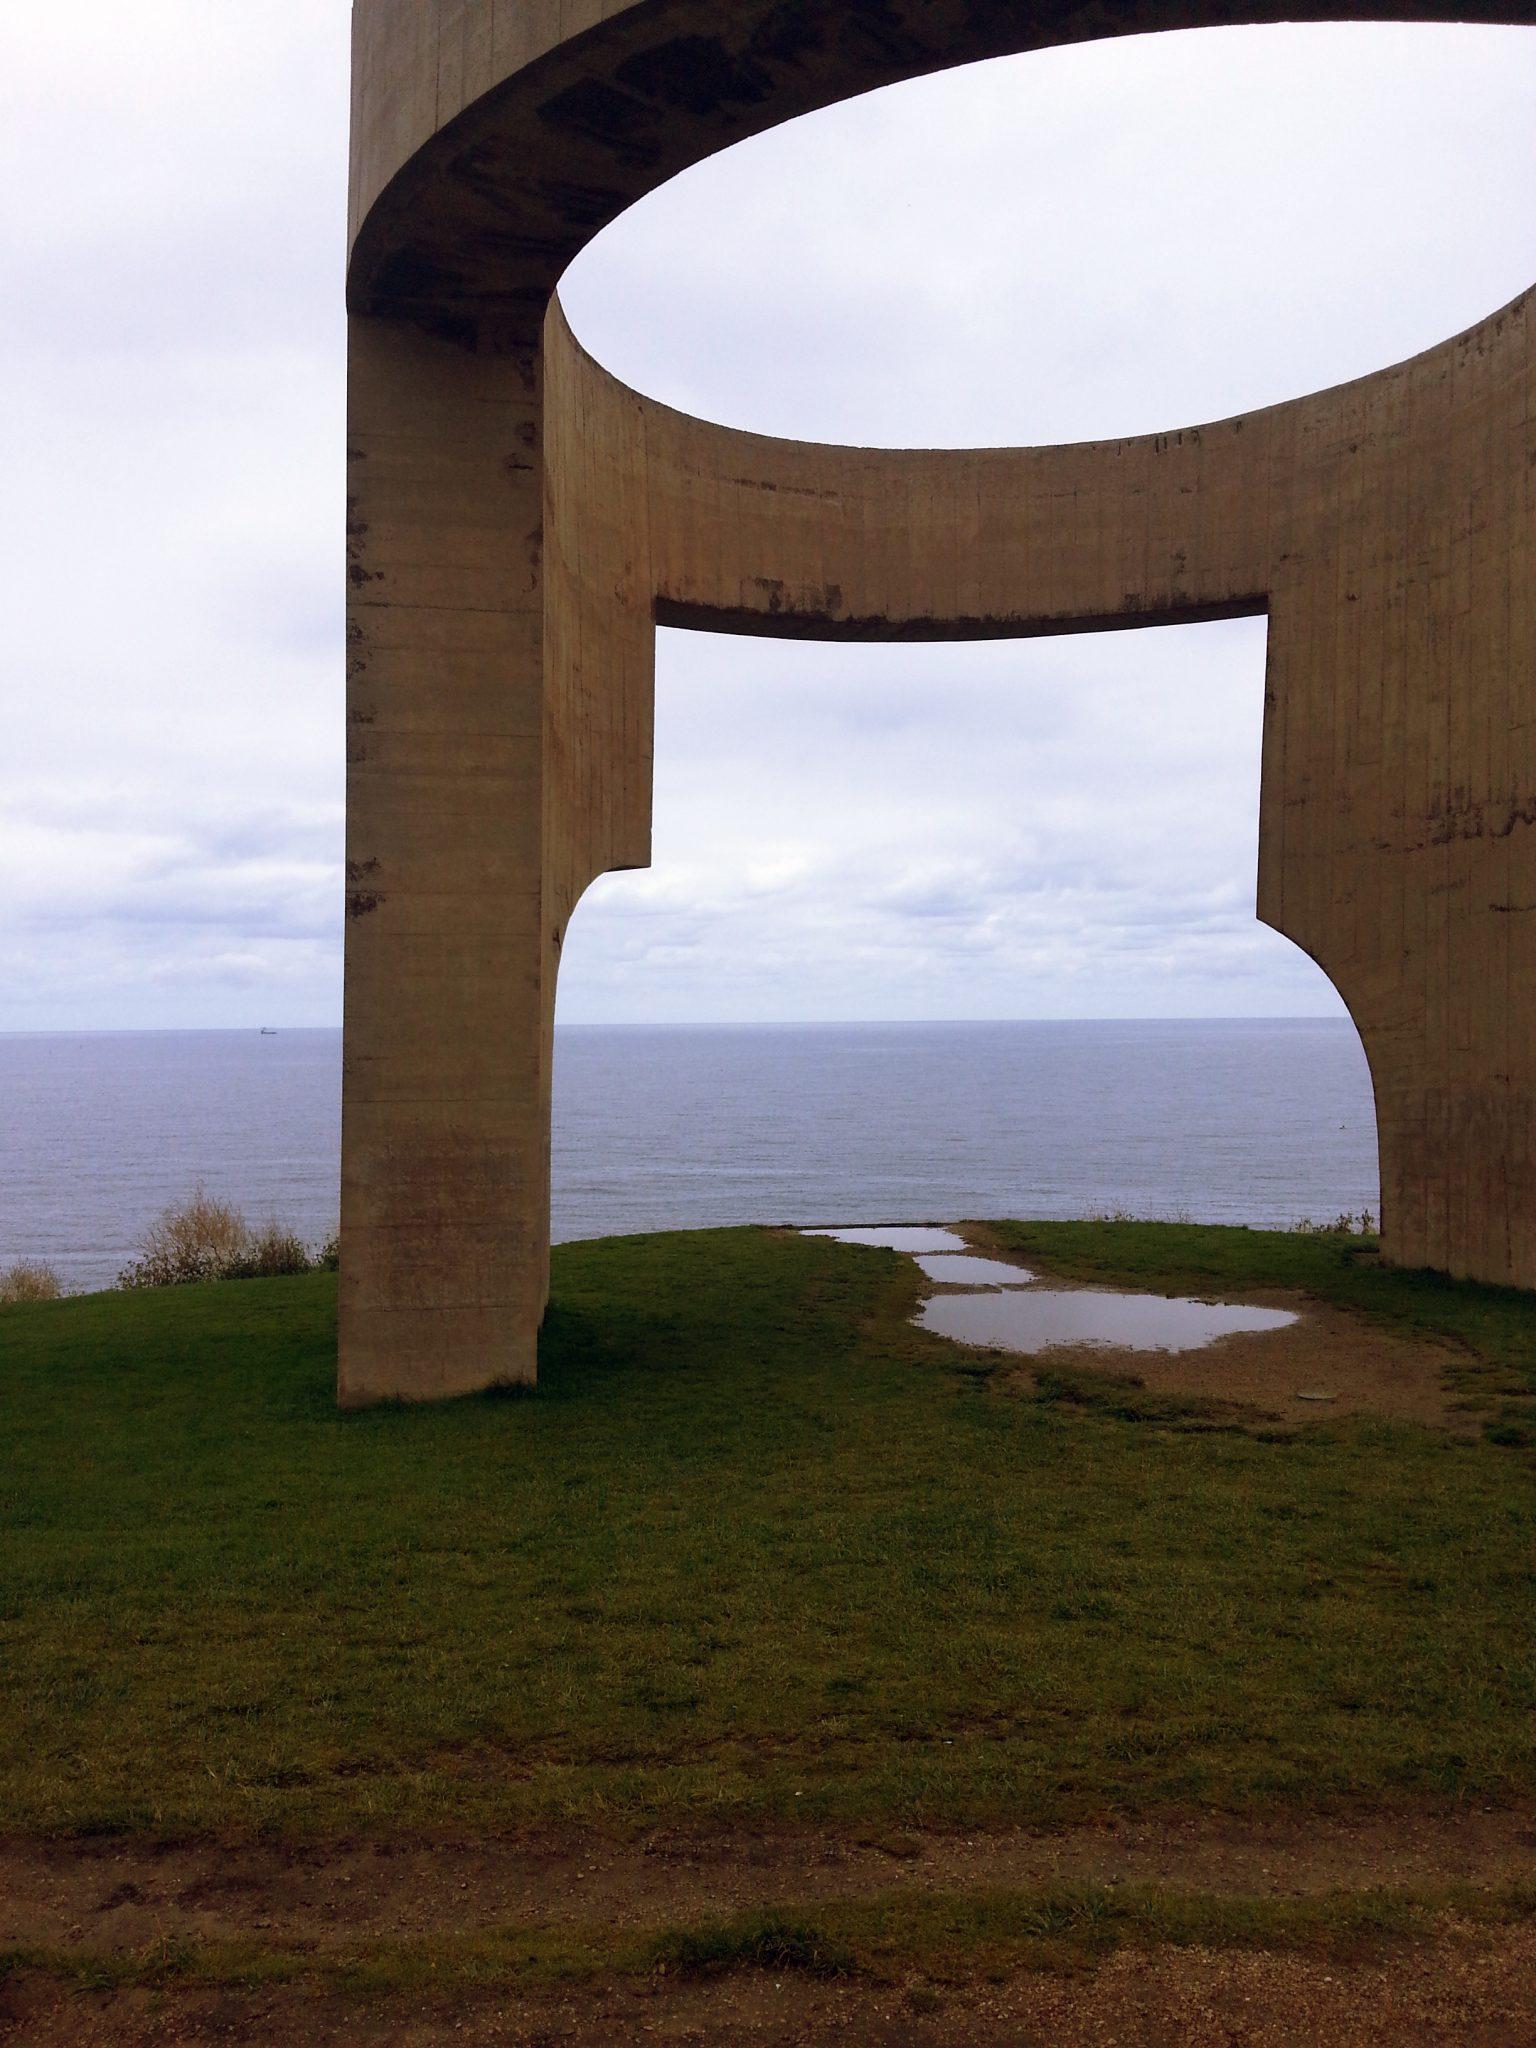 Elogio del horizonte, en Gijón